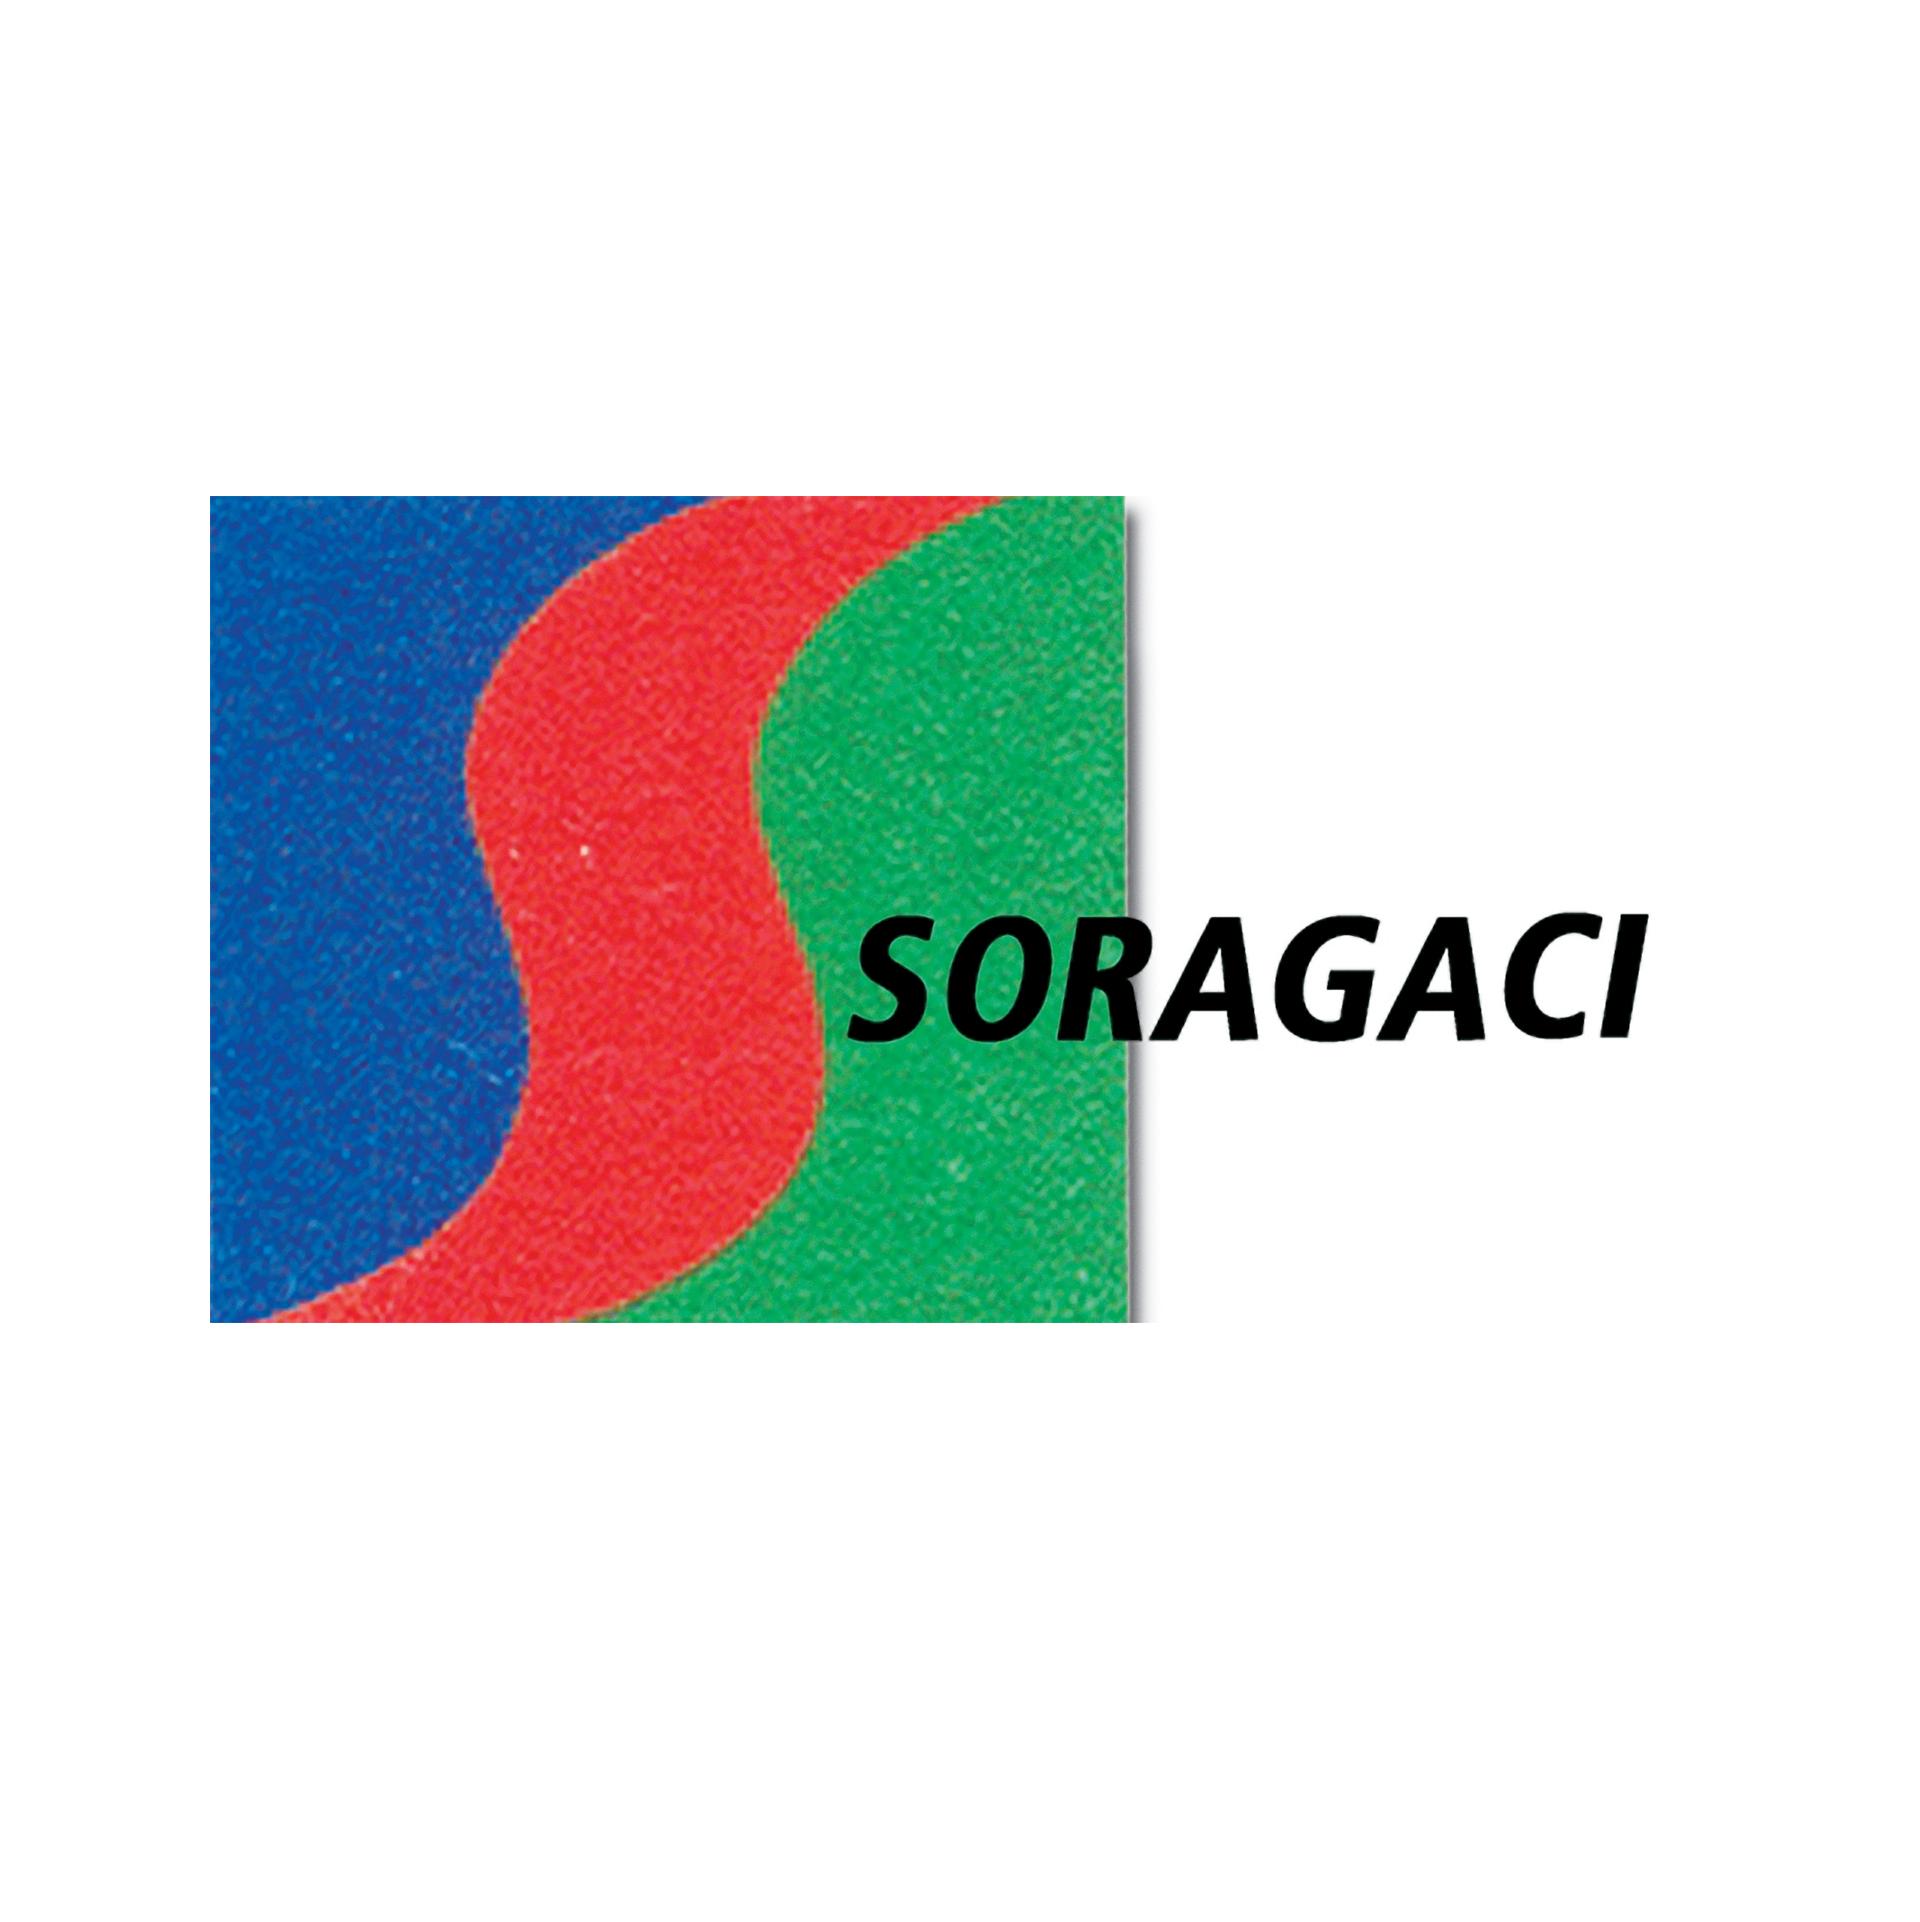 SORAGACI